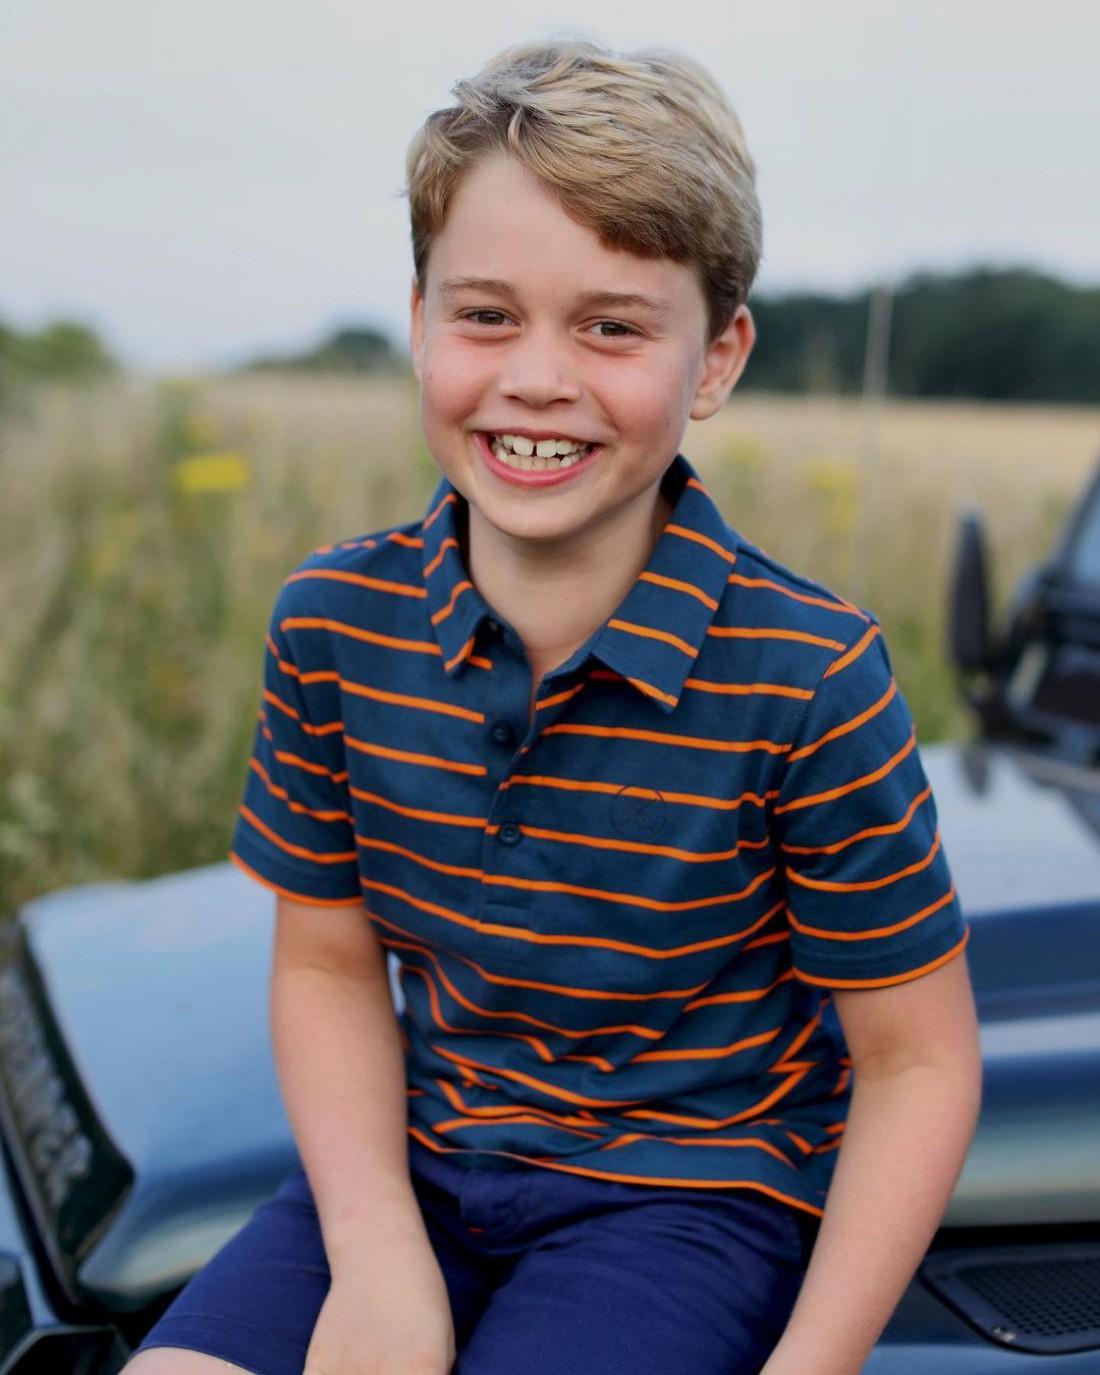 Принцу Джорджу исполнилось 8 лет